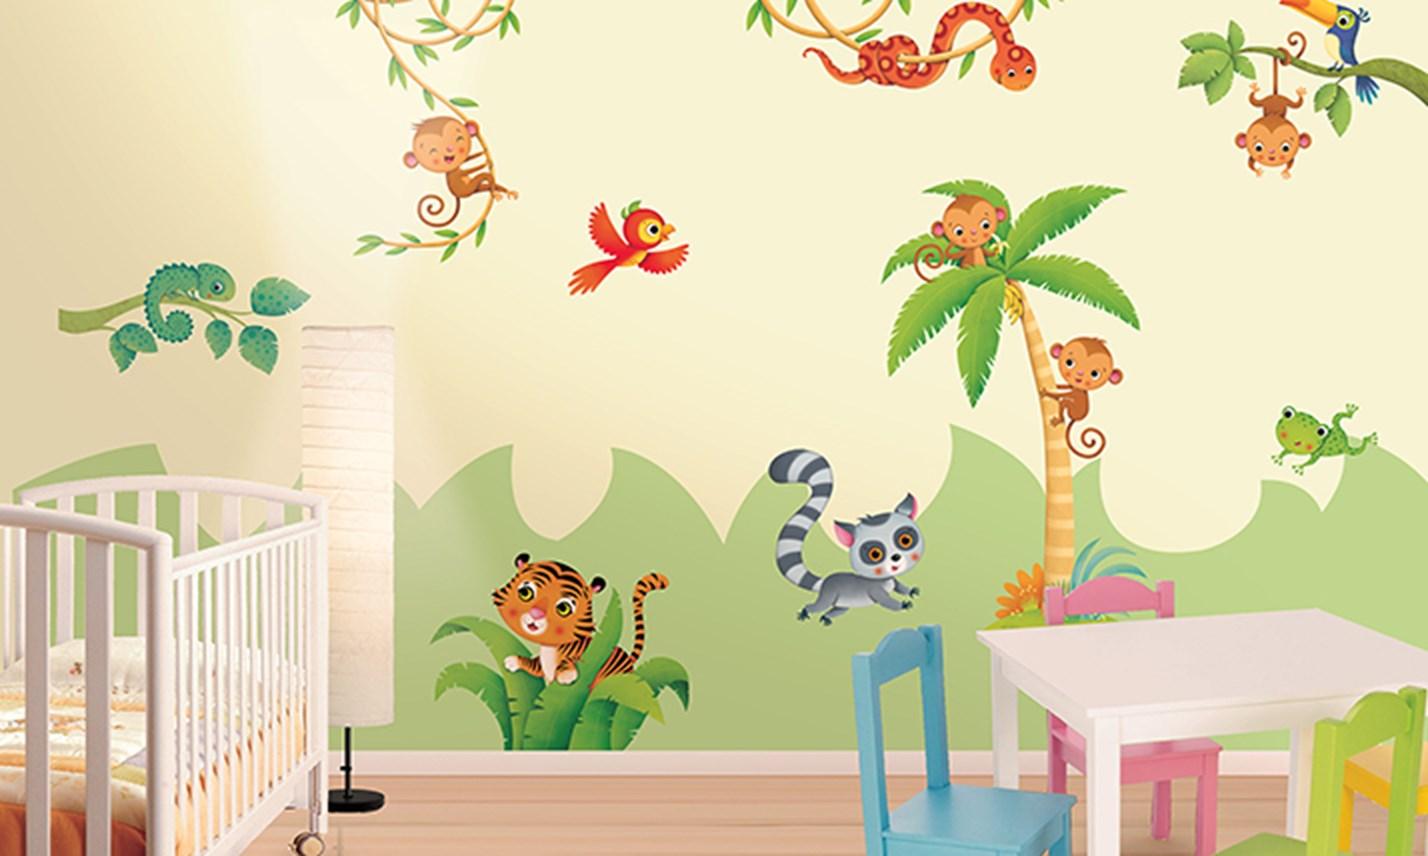 Decorazioni cameretta bambini lm62 regardsdefemmes - Decorazioni muri camerette bambini ...